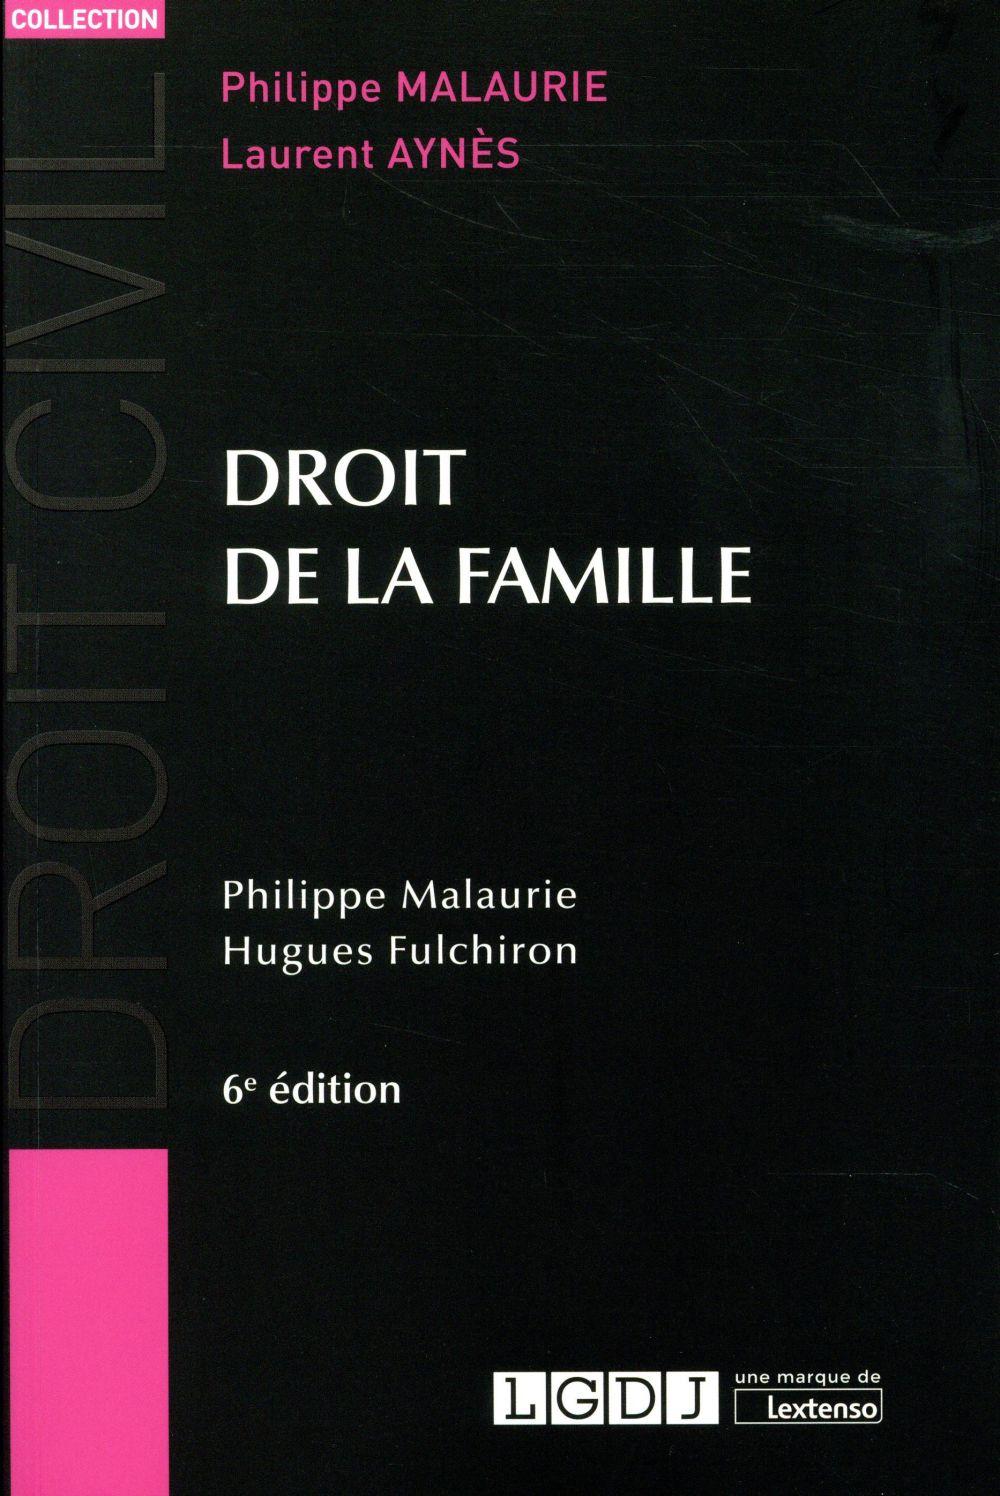 DROIT DE LA FAMILLE 6EME EDITION